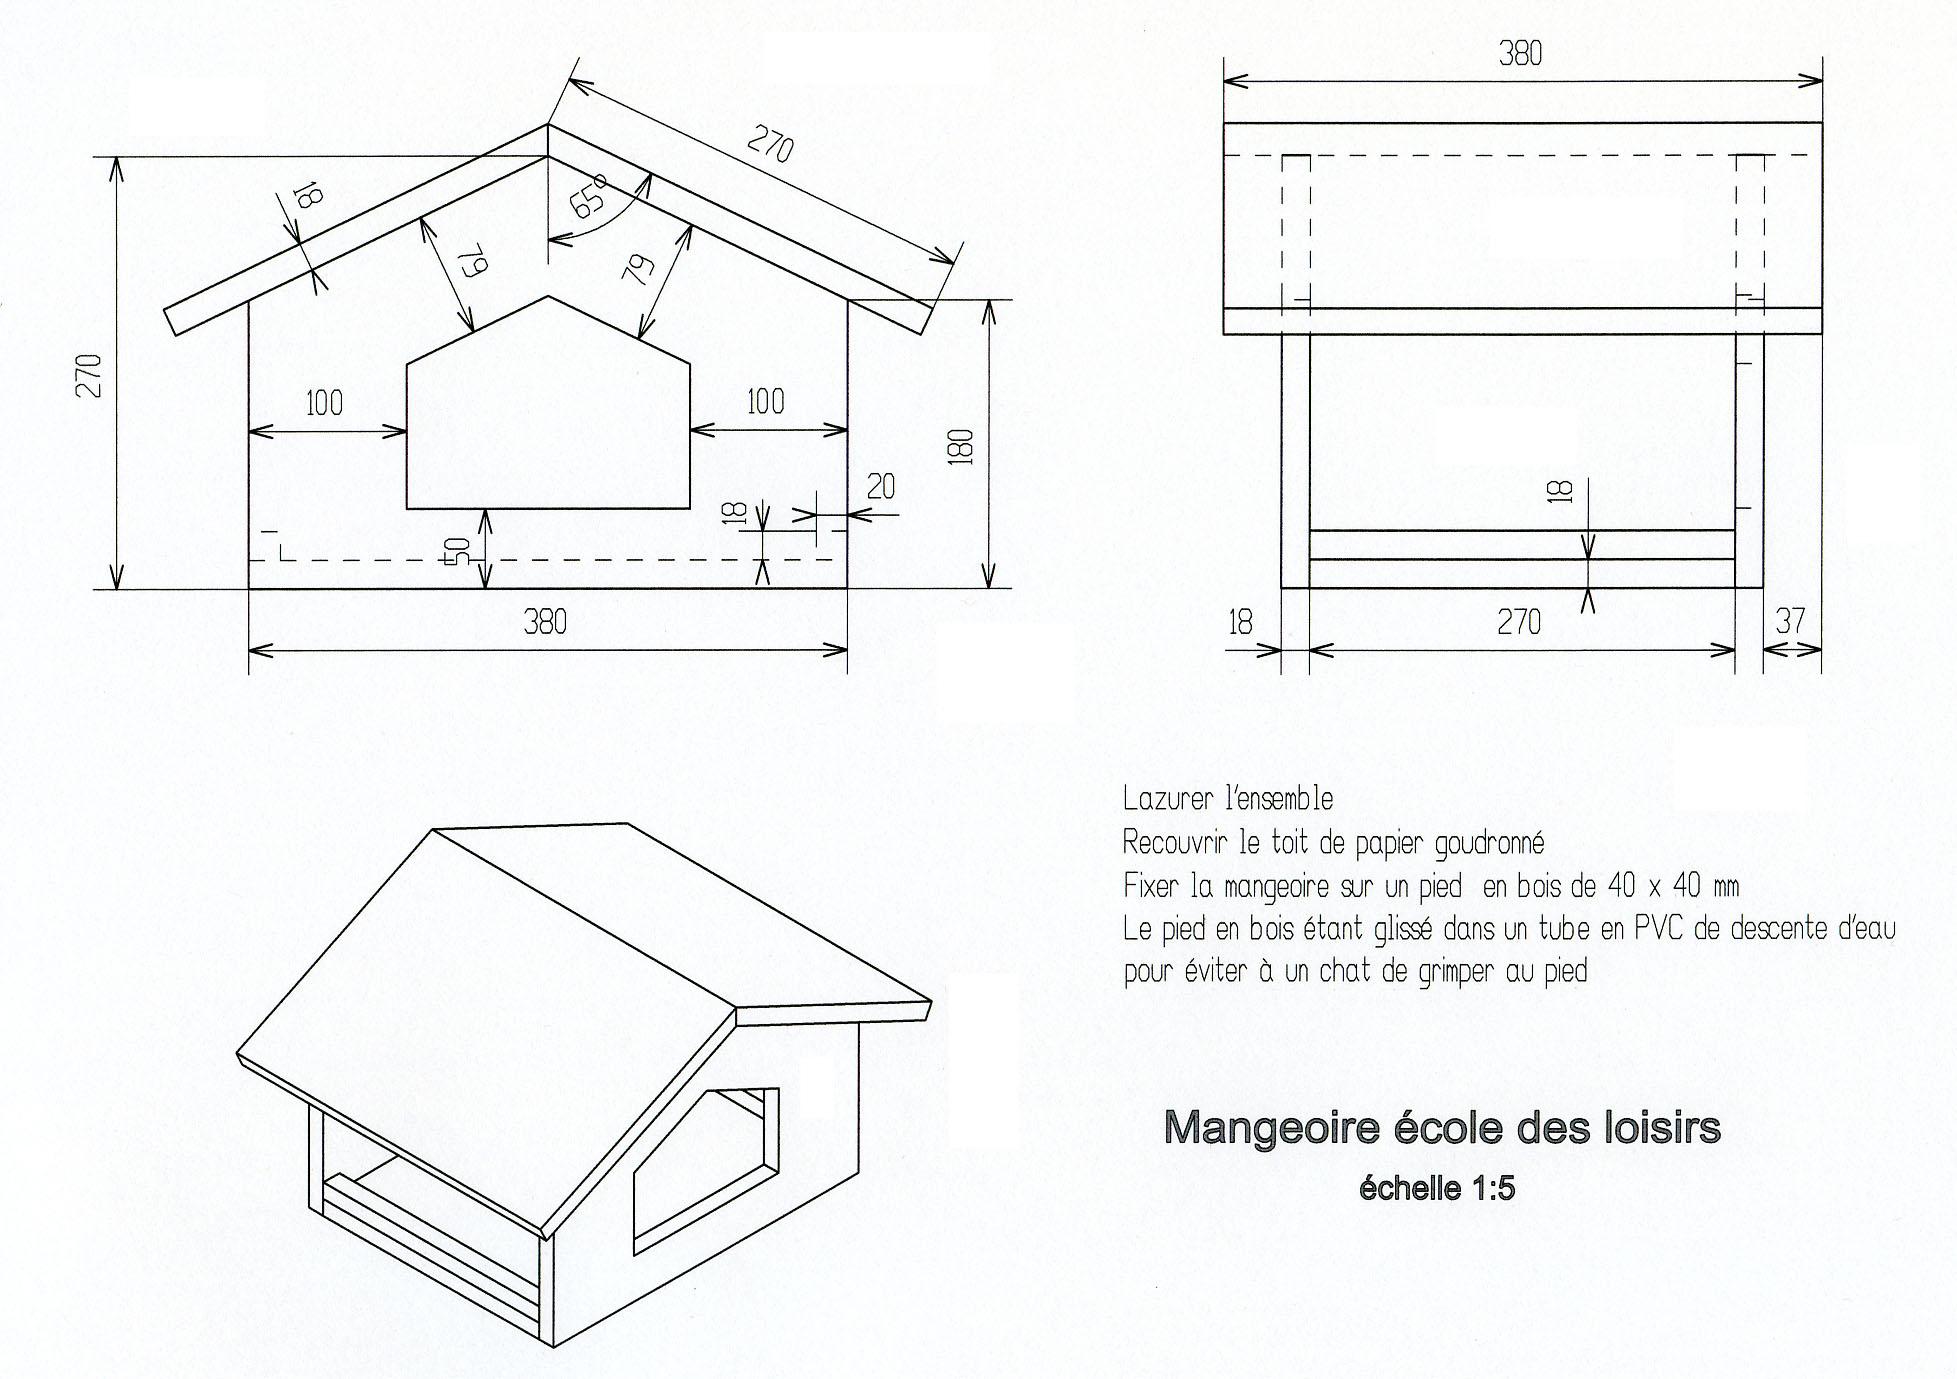 Idee Interieur Maison Design Plans Maison Oiseaux